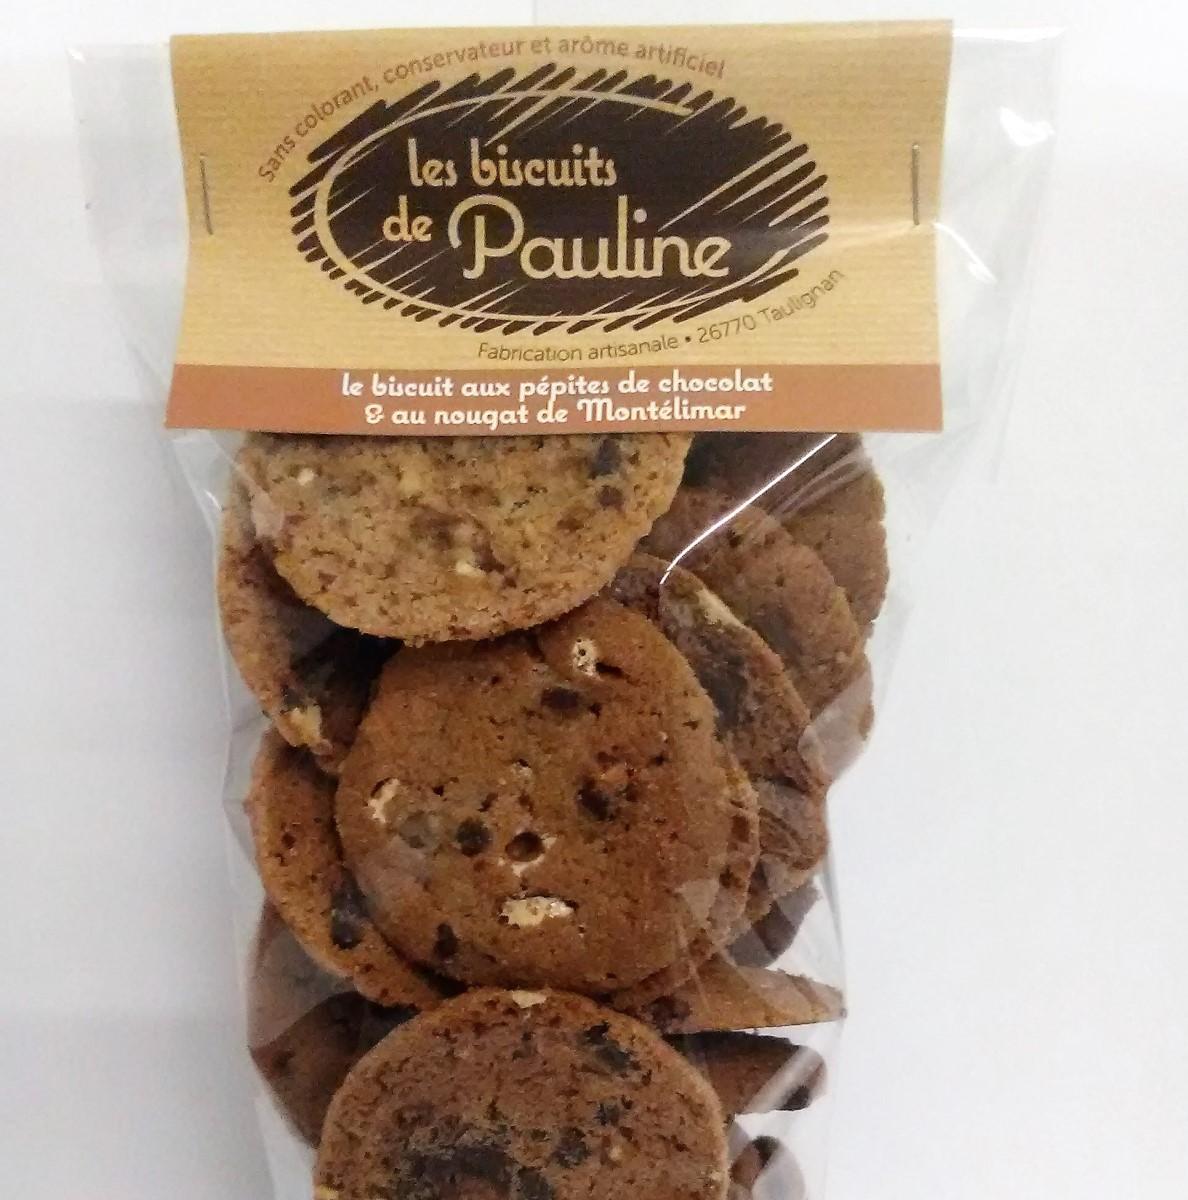 Biscuits de Pauline